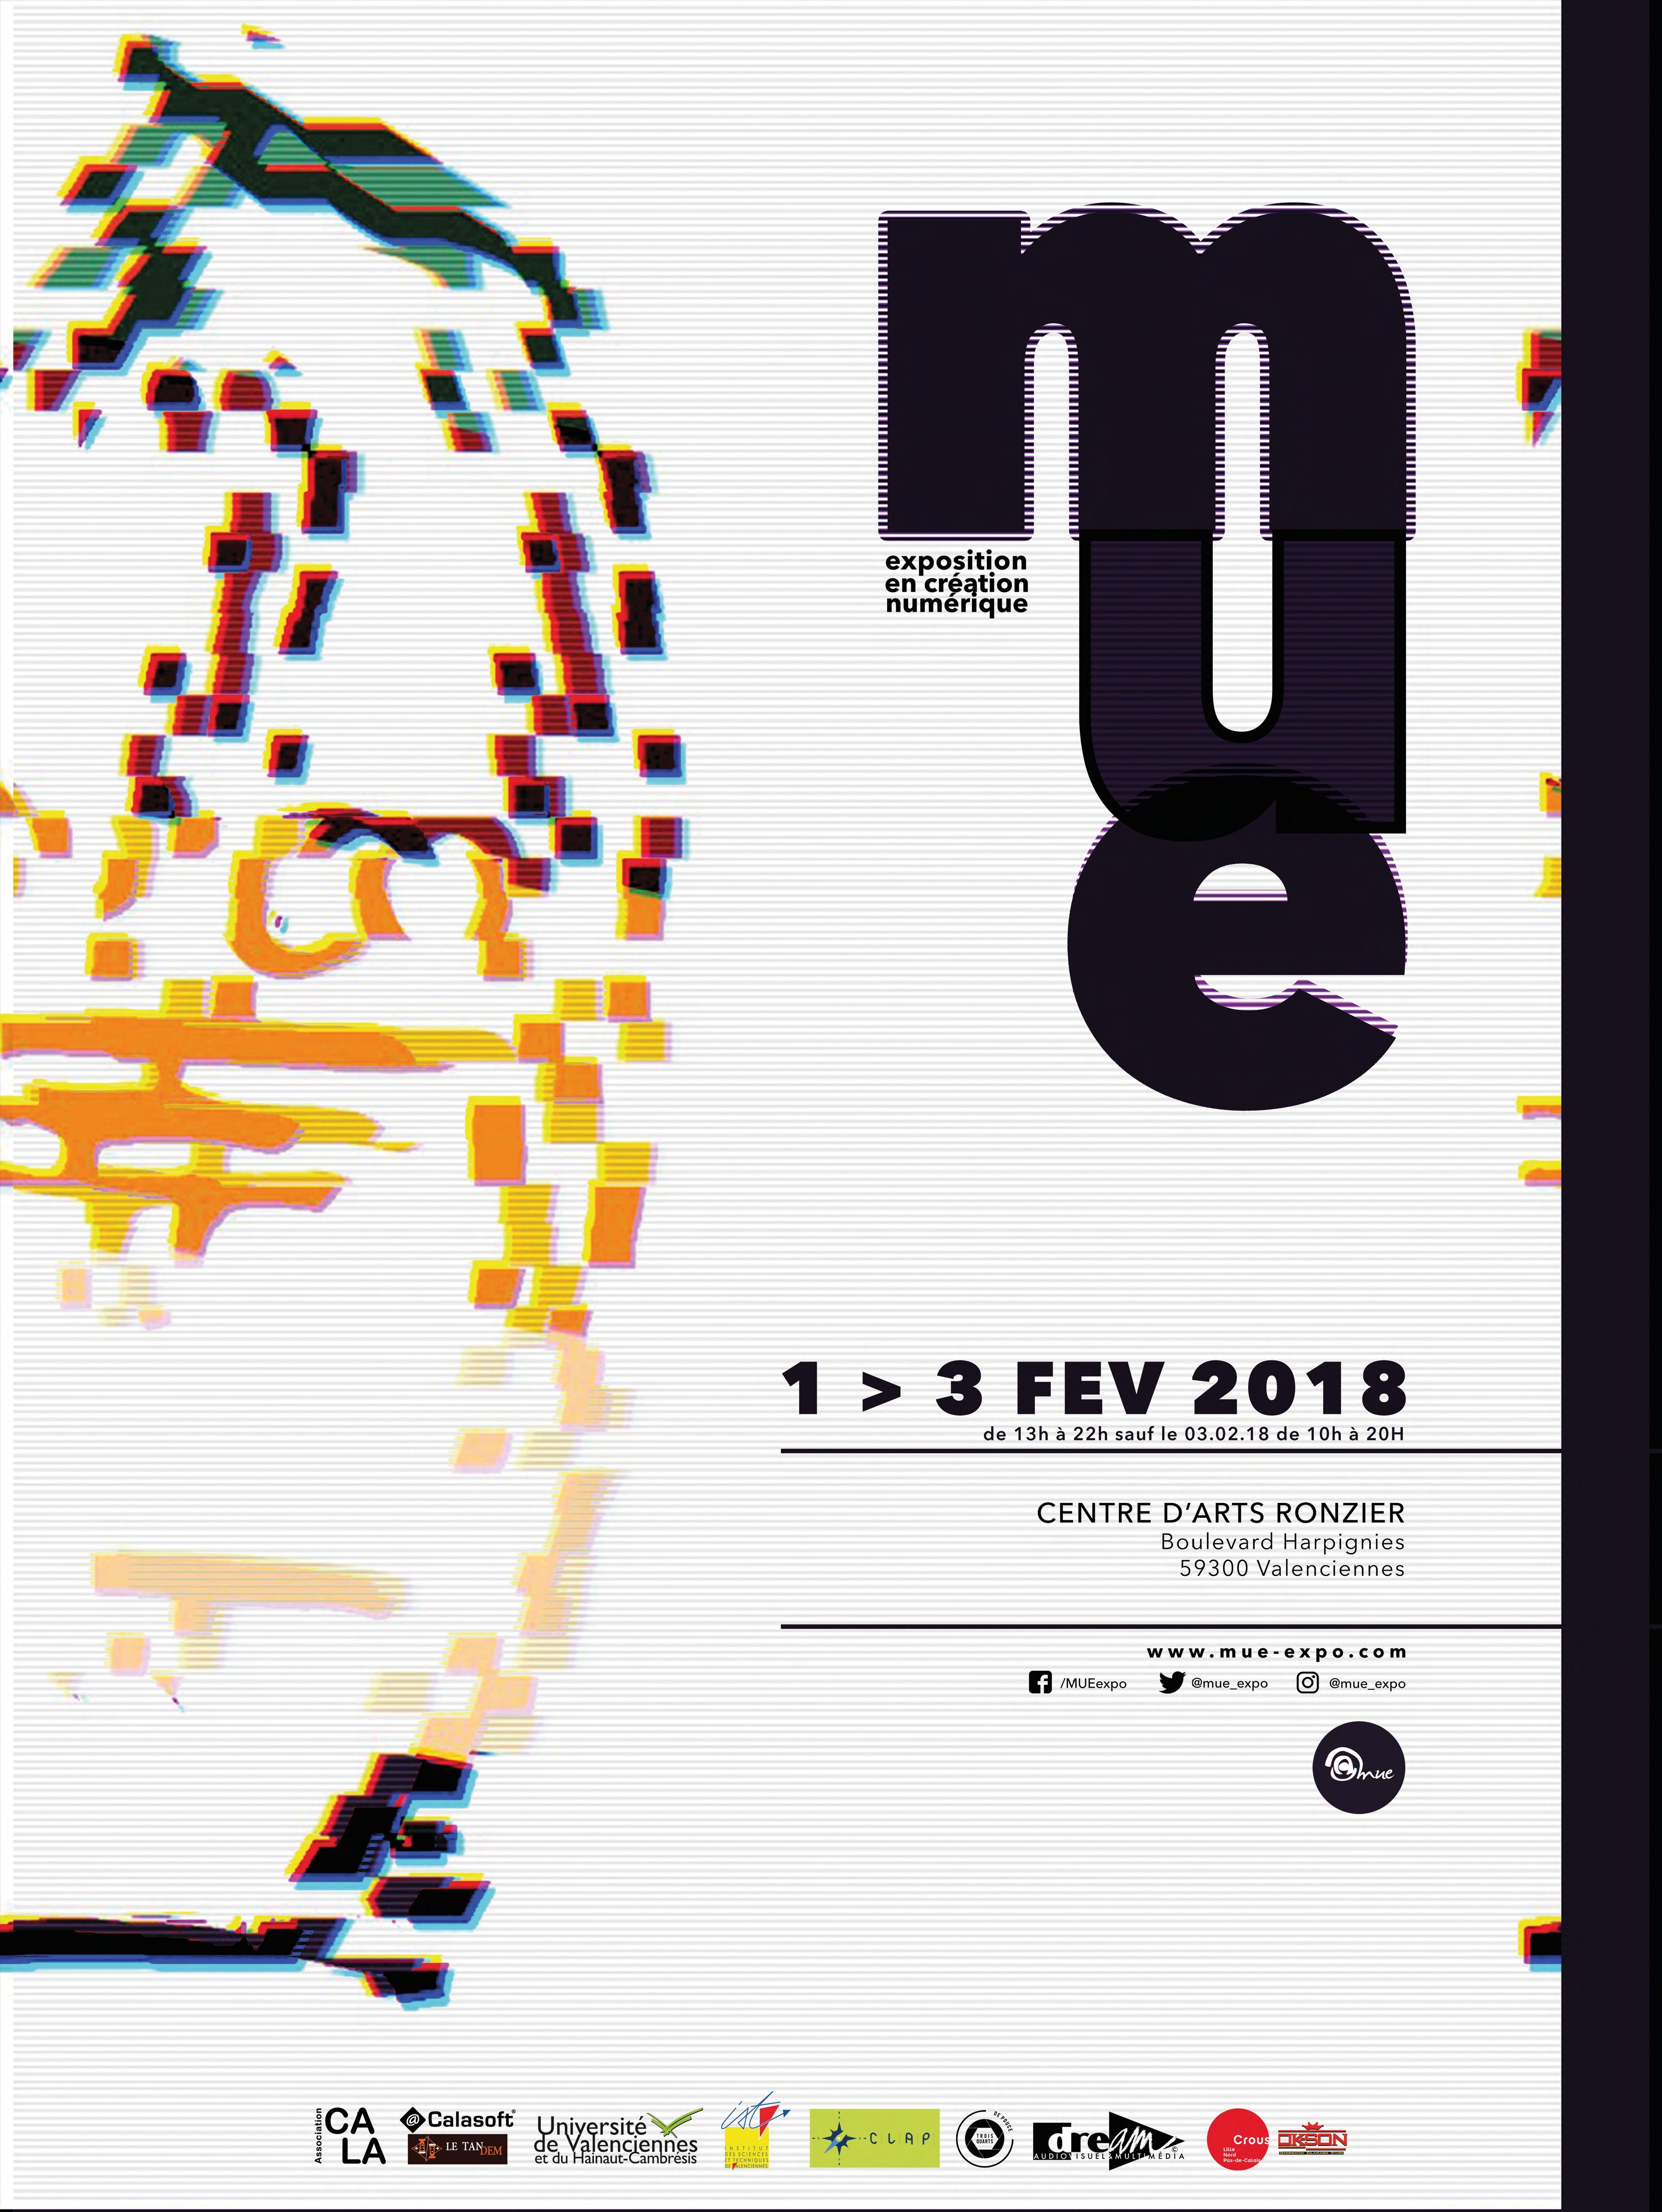 mue, une exposition numérique